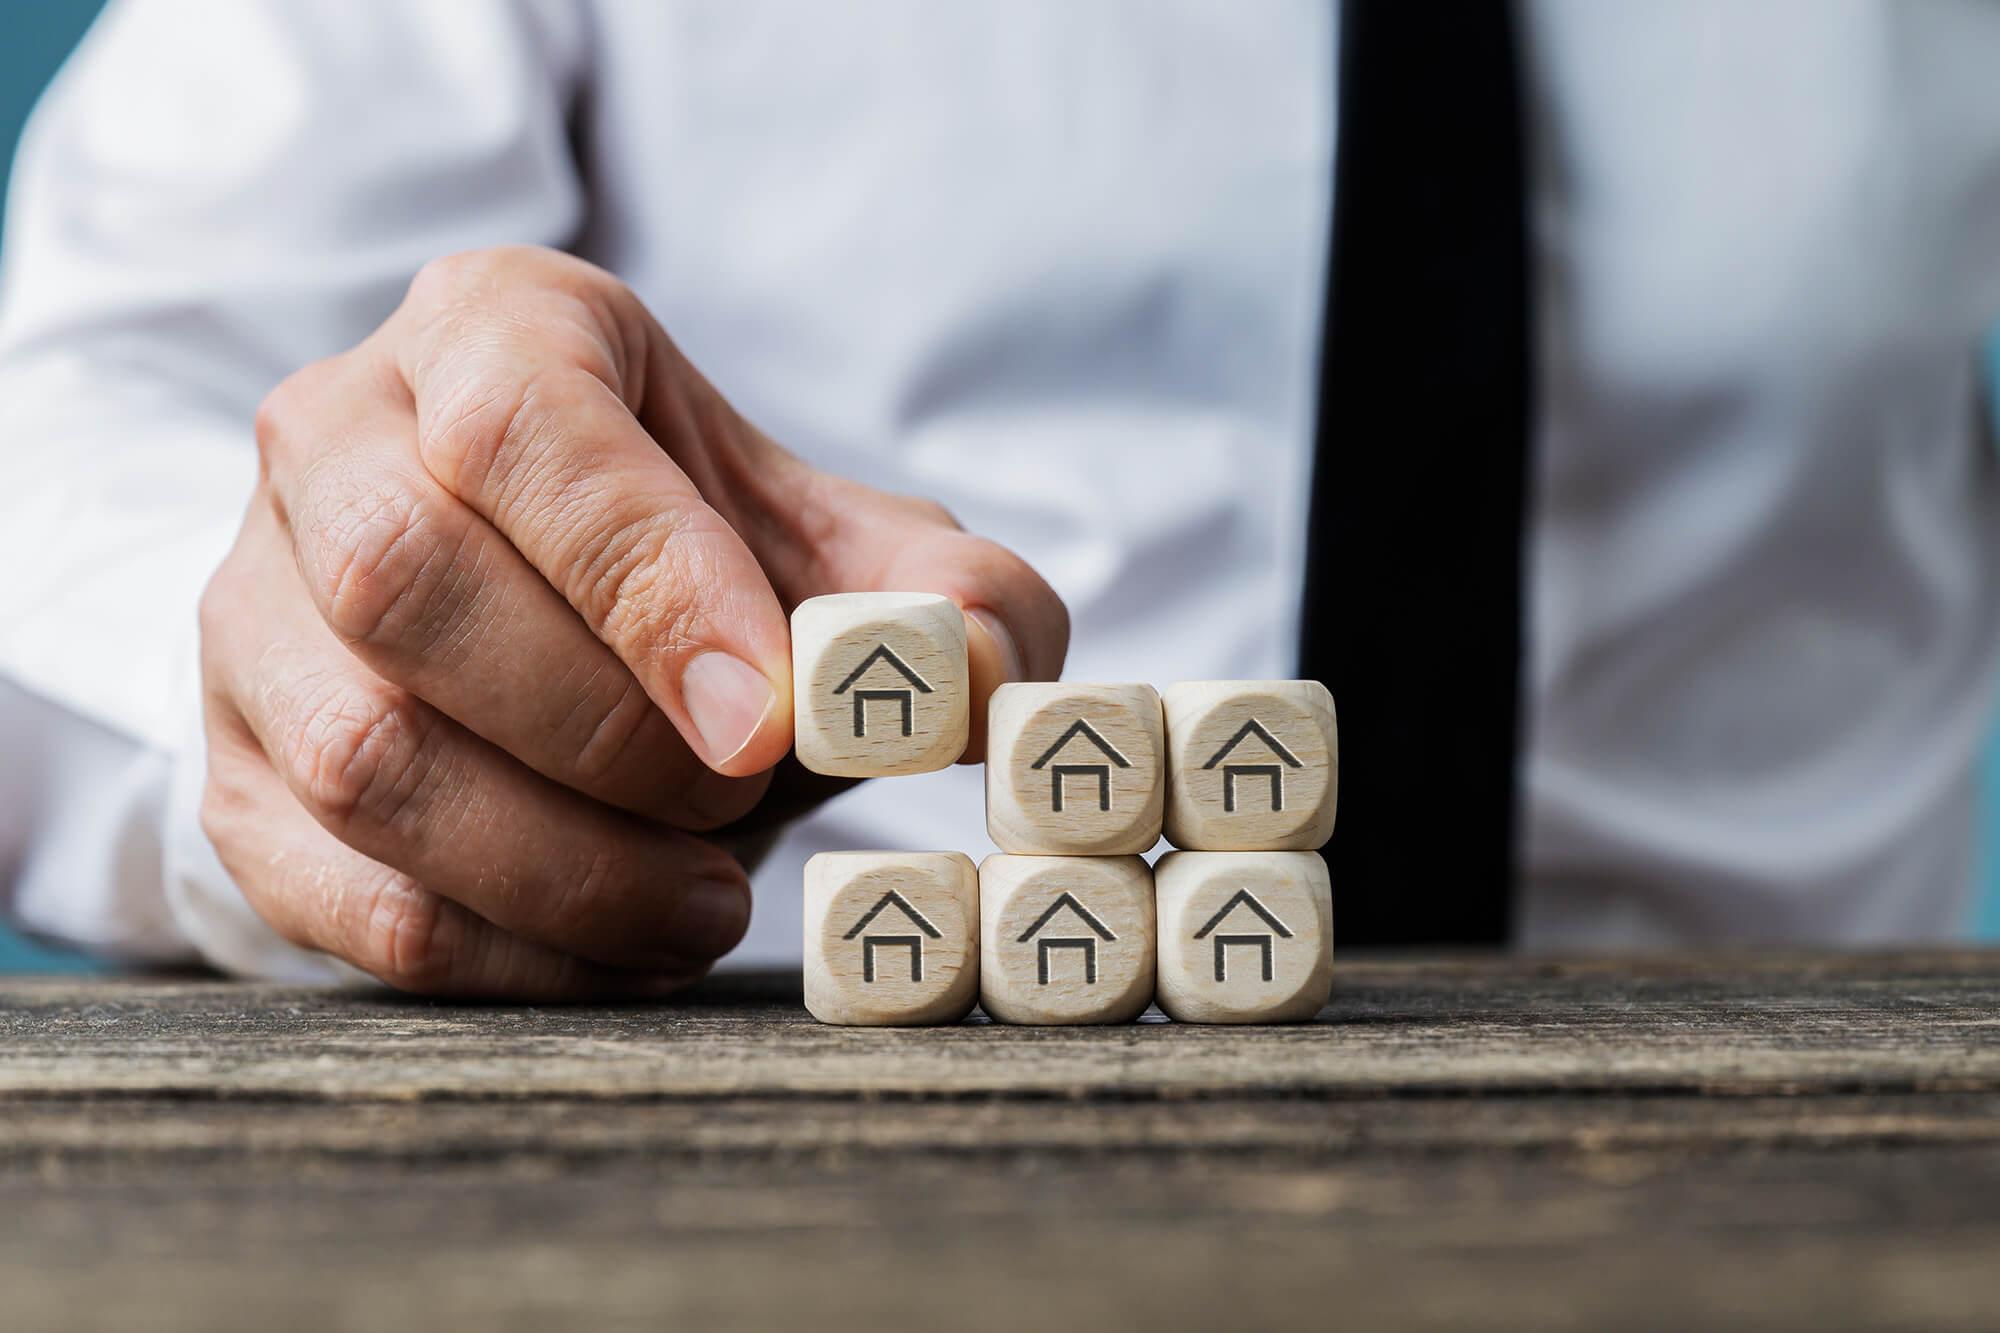 Eine Hand stapelt Würfel mit einem Haussymbol darauf